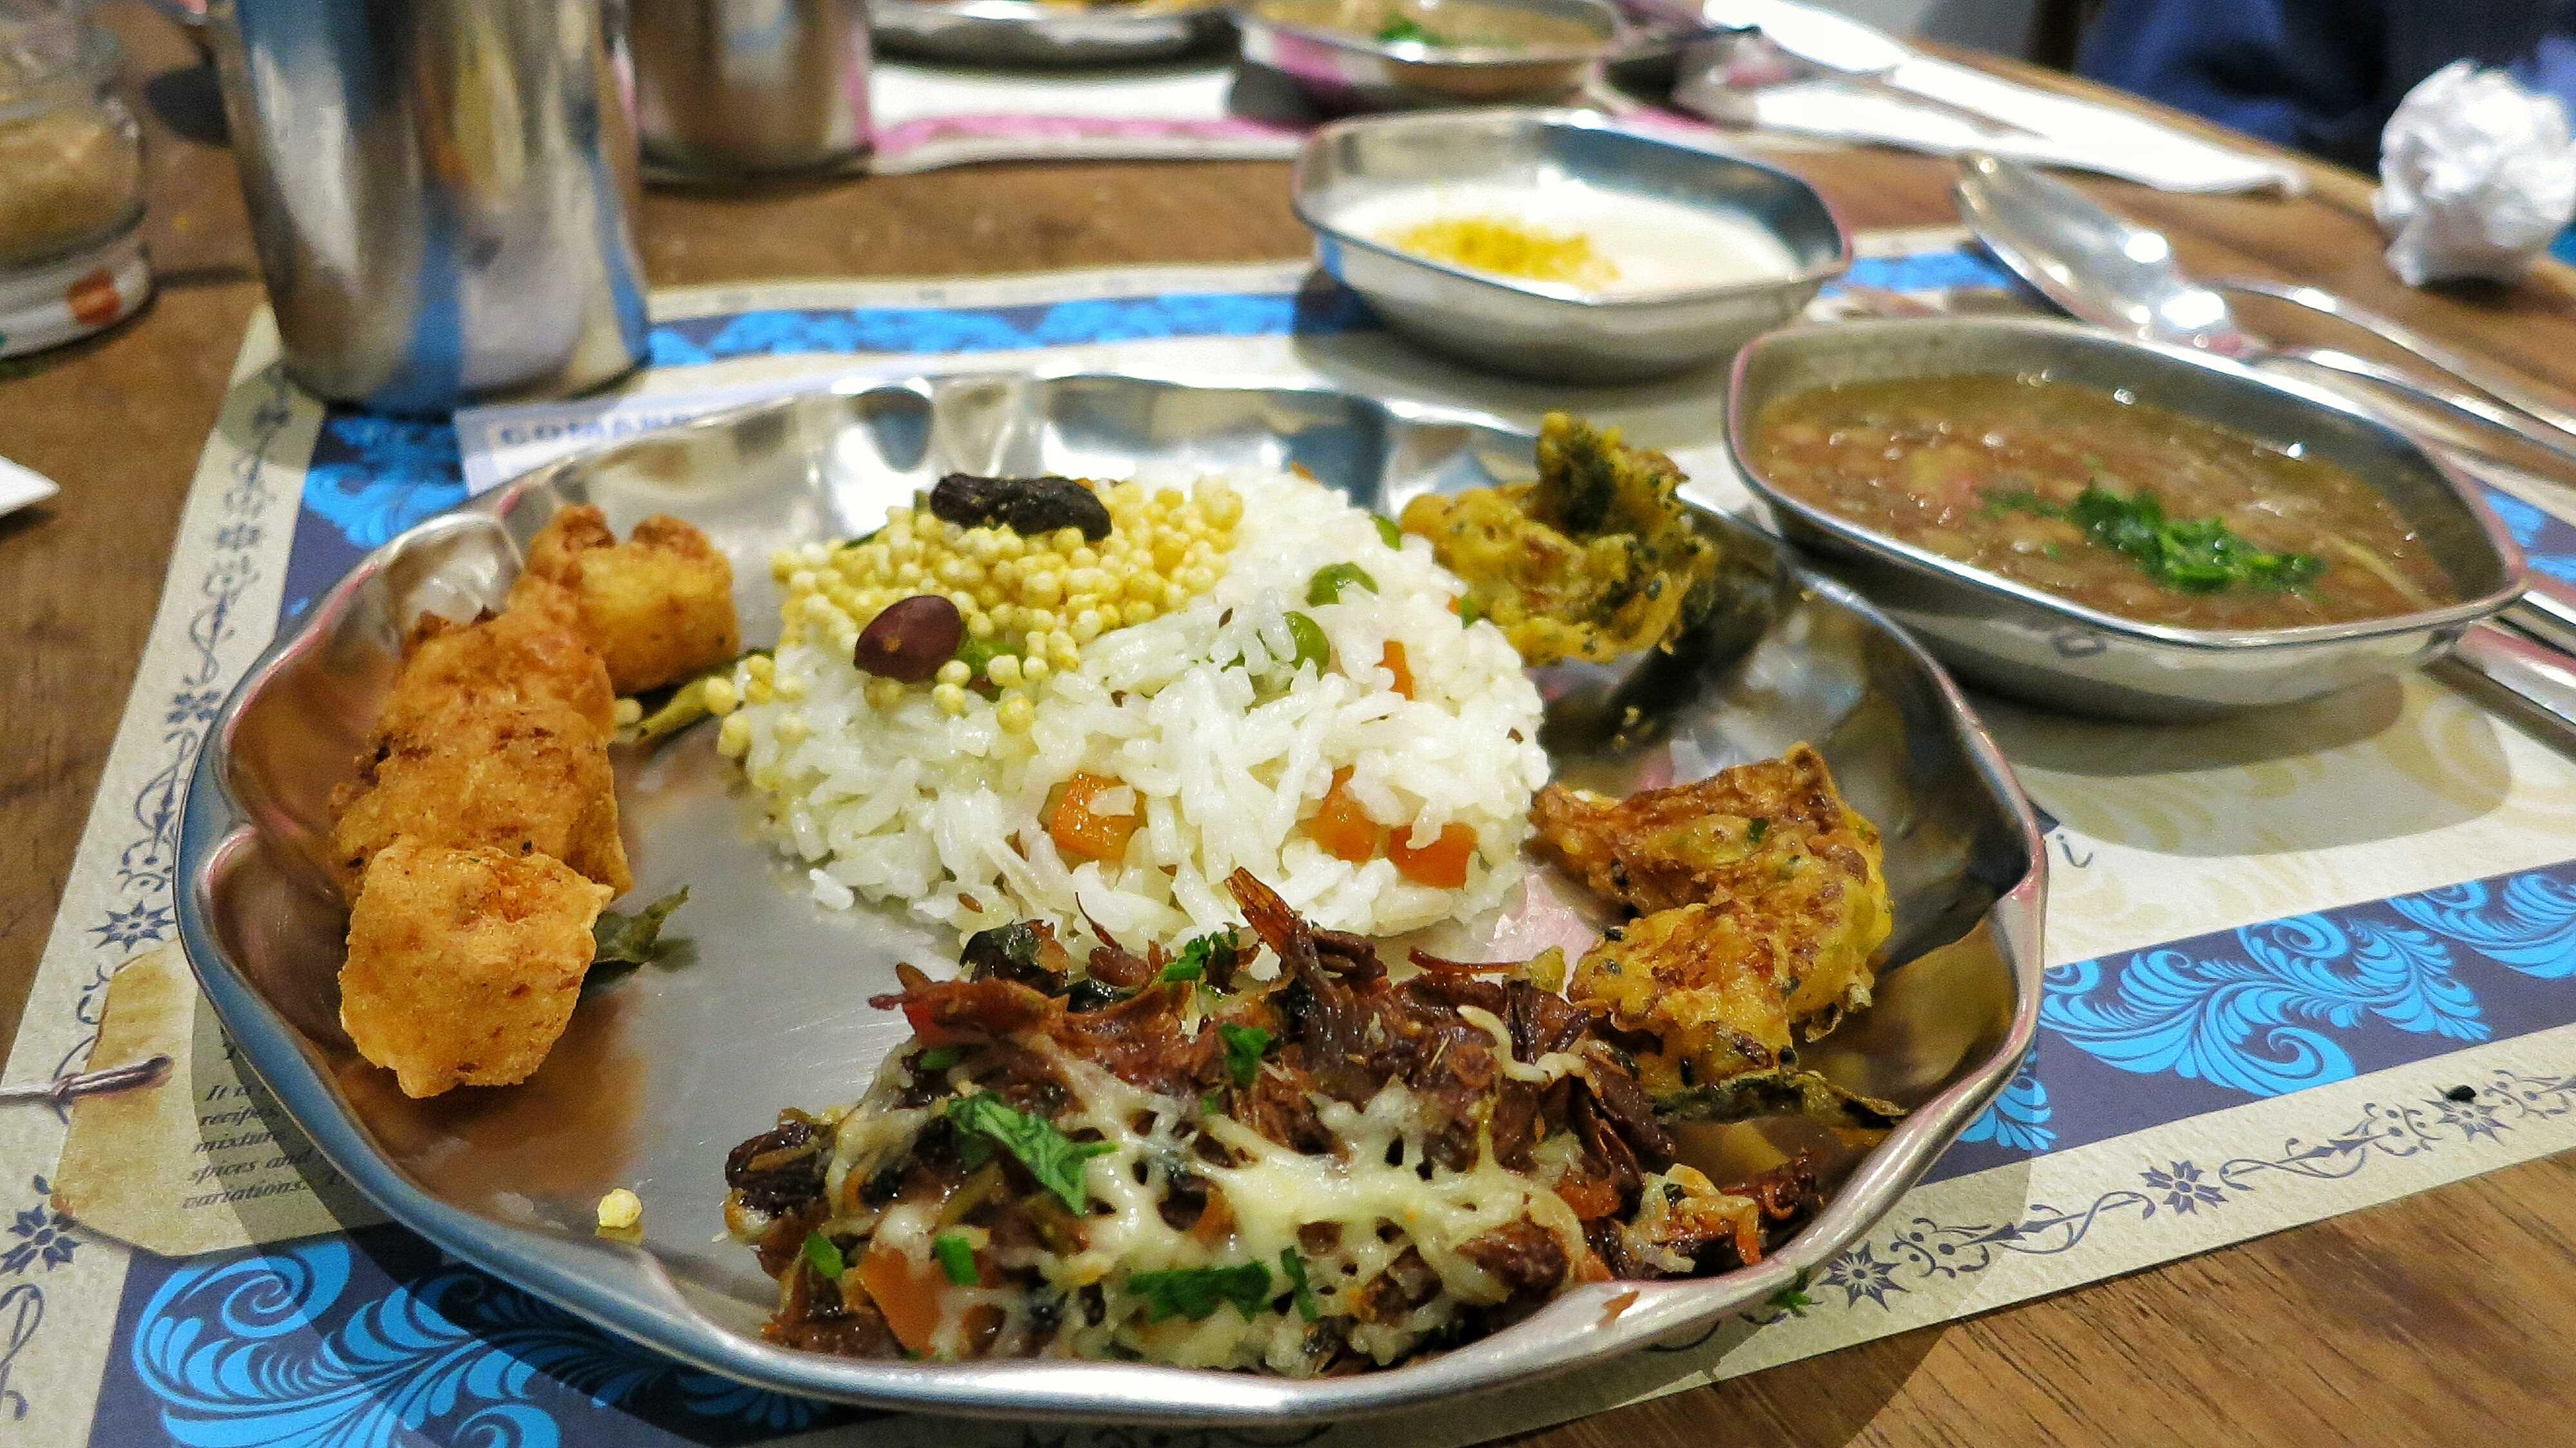 Quem não come muito pode optar pela meia porção: $ 26,50 durante a semana e 31 no sábado Foto: Lígia Bonfati